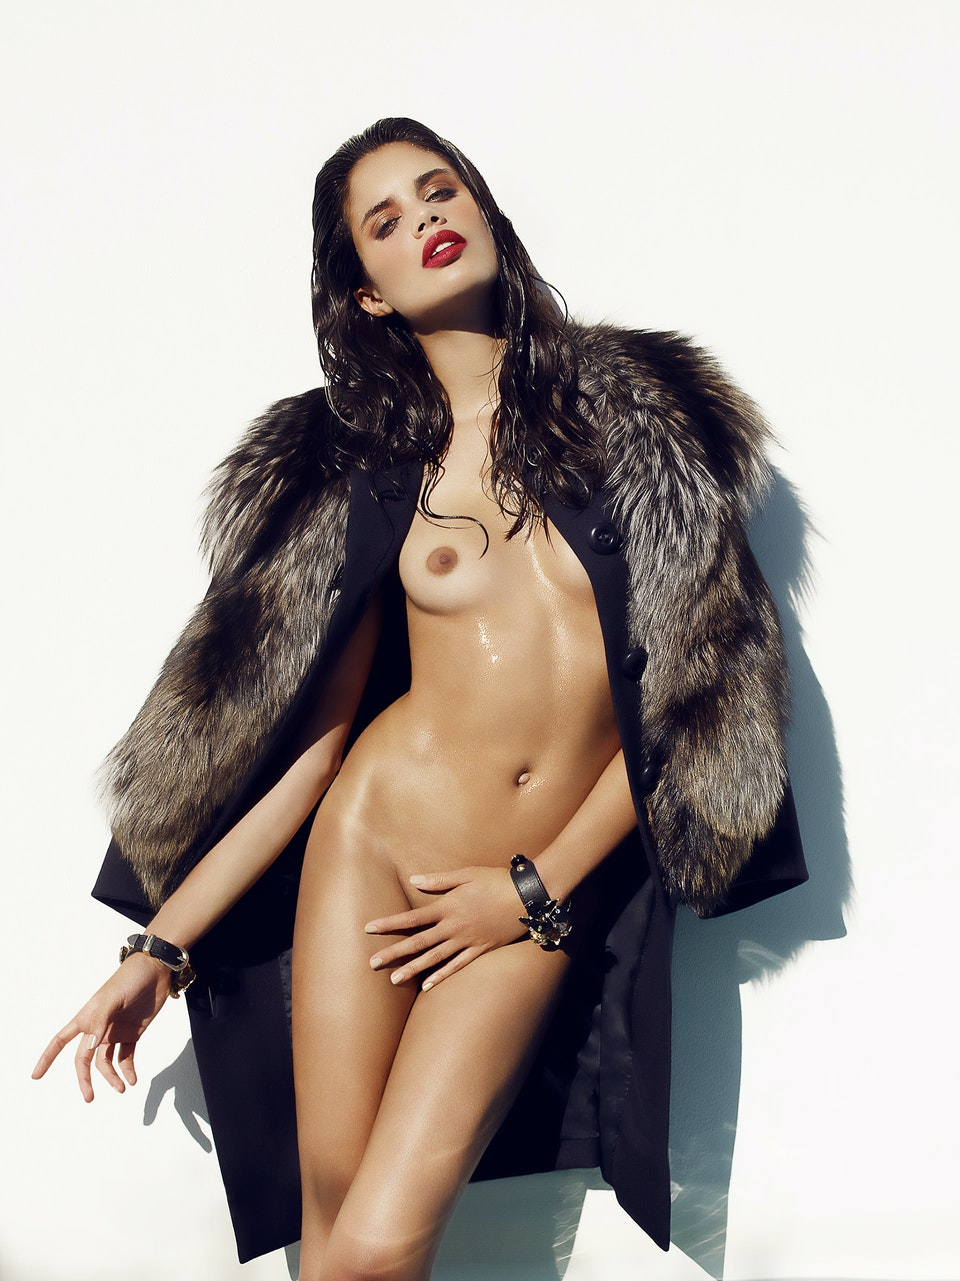 Sara Sampaio for Vogue Portugal